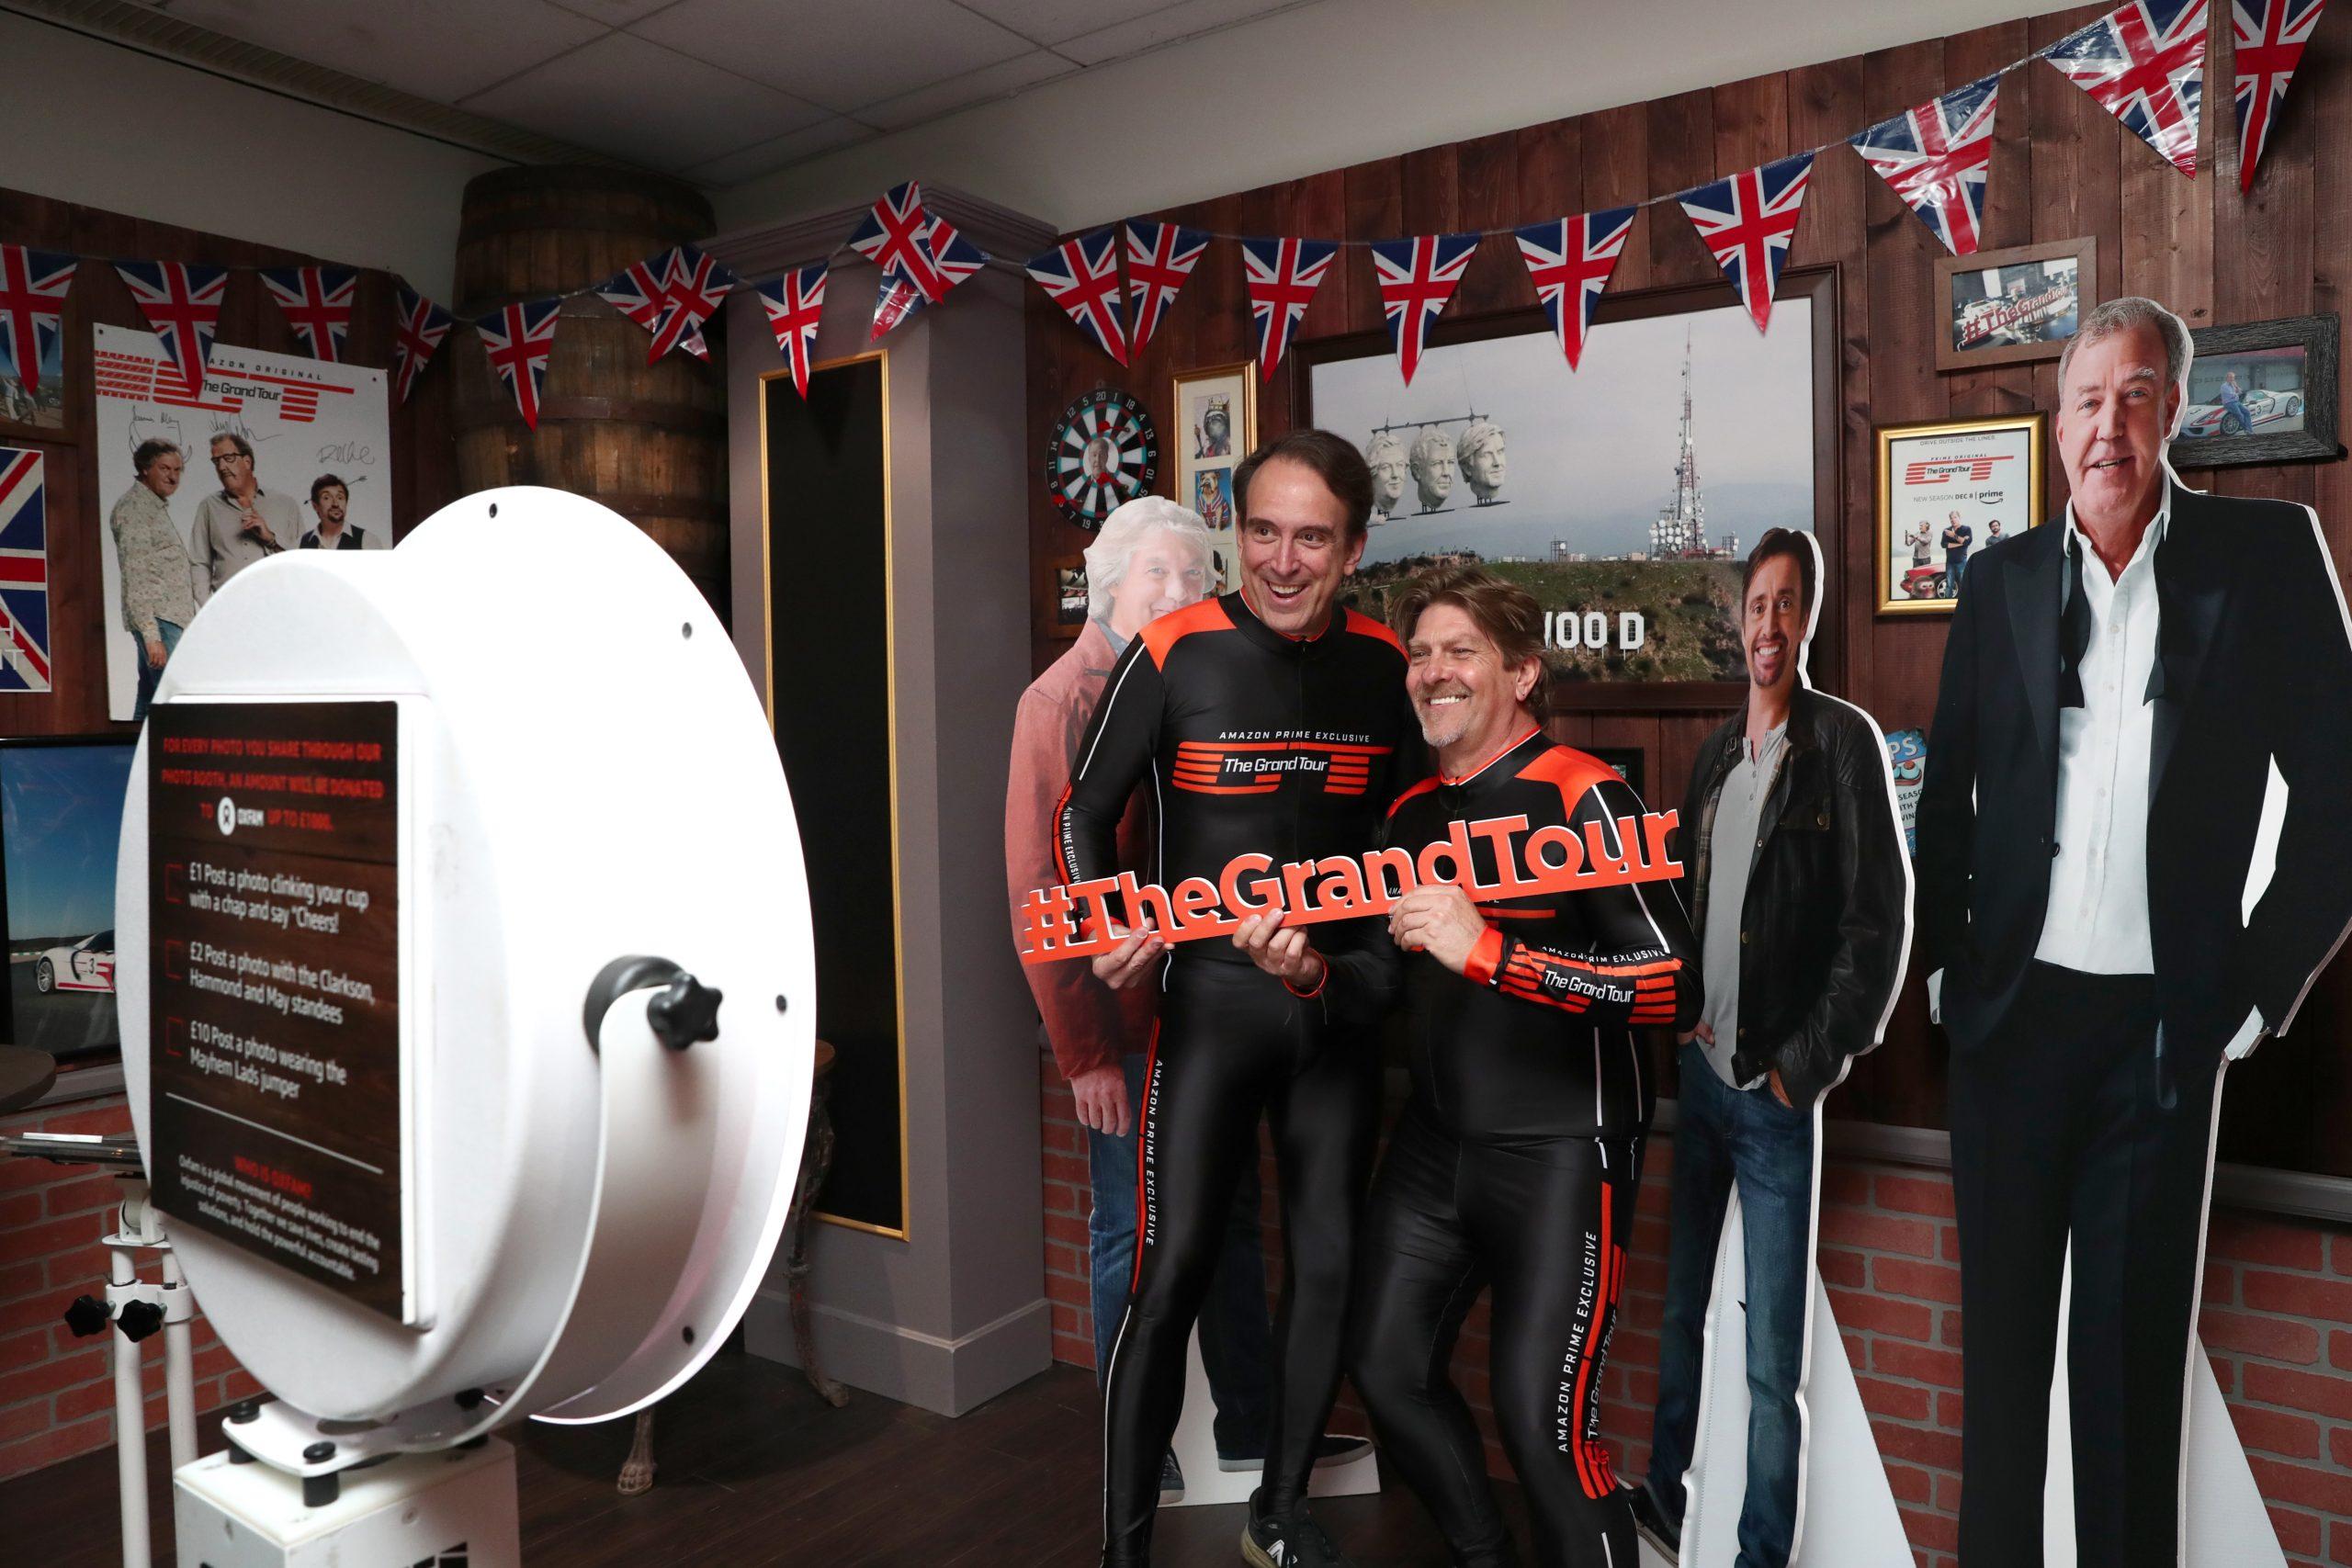 Grand Tour Mayhem Hall Pub Photo Op